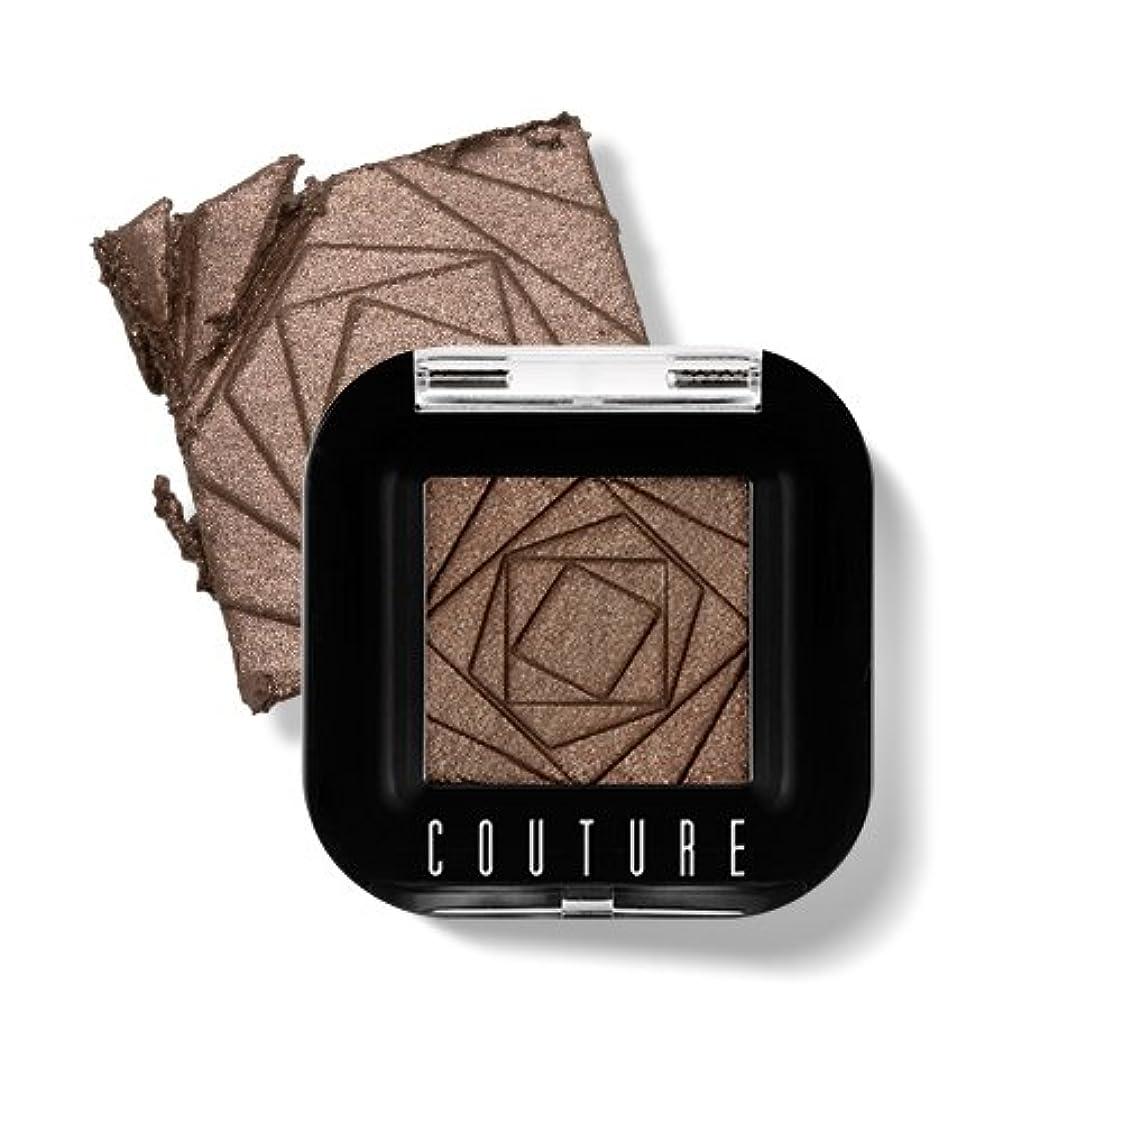 評価する硬化する寂しいAPIEU Couture Shadow (# 6) /アピュ/オピュ クチュールシャドウ [並行輸入品]